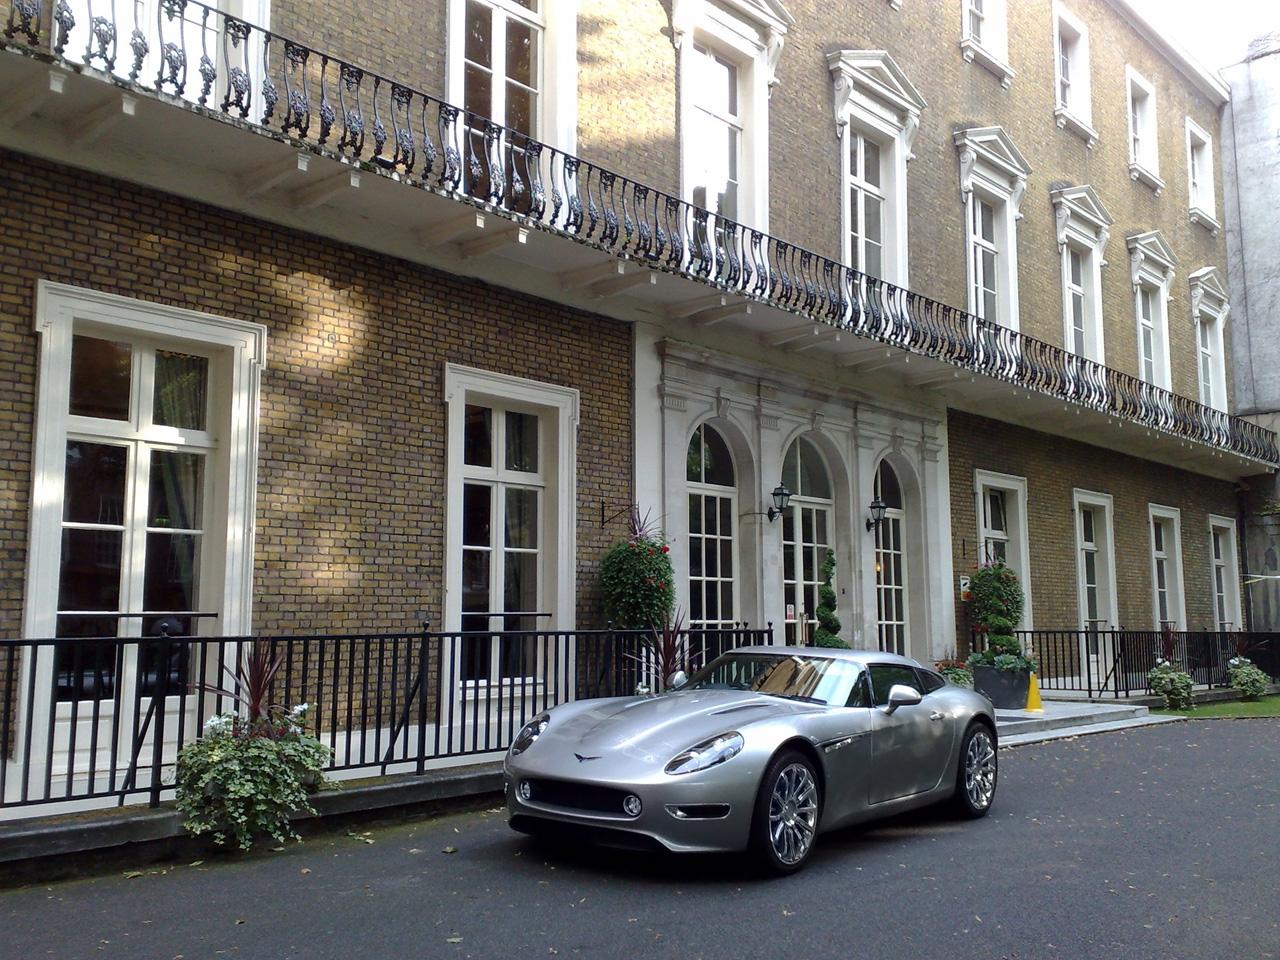 36652 скачать обои Транспорт, Машины, Астон Мартин (Aston Martin) - заставки и картинки бесплатно